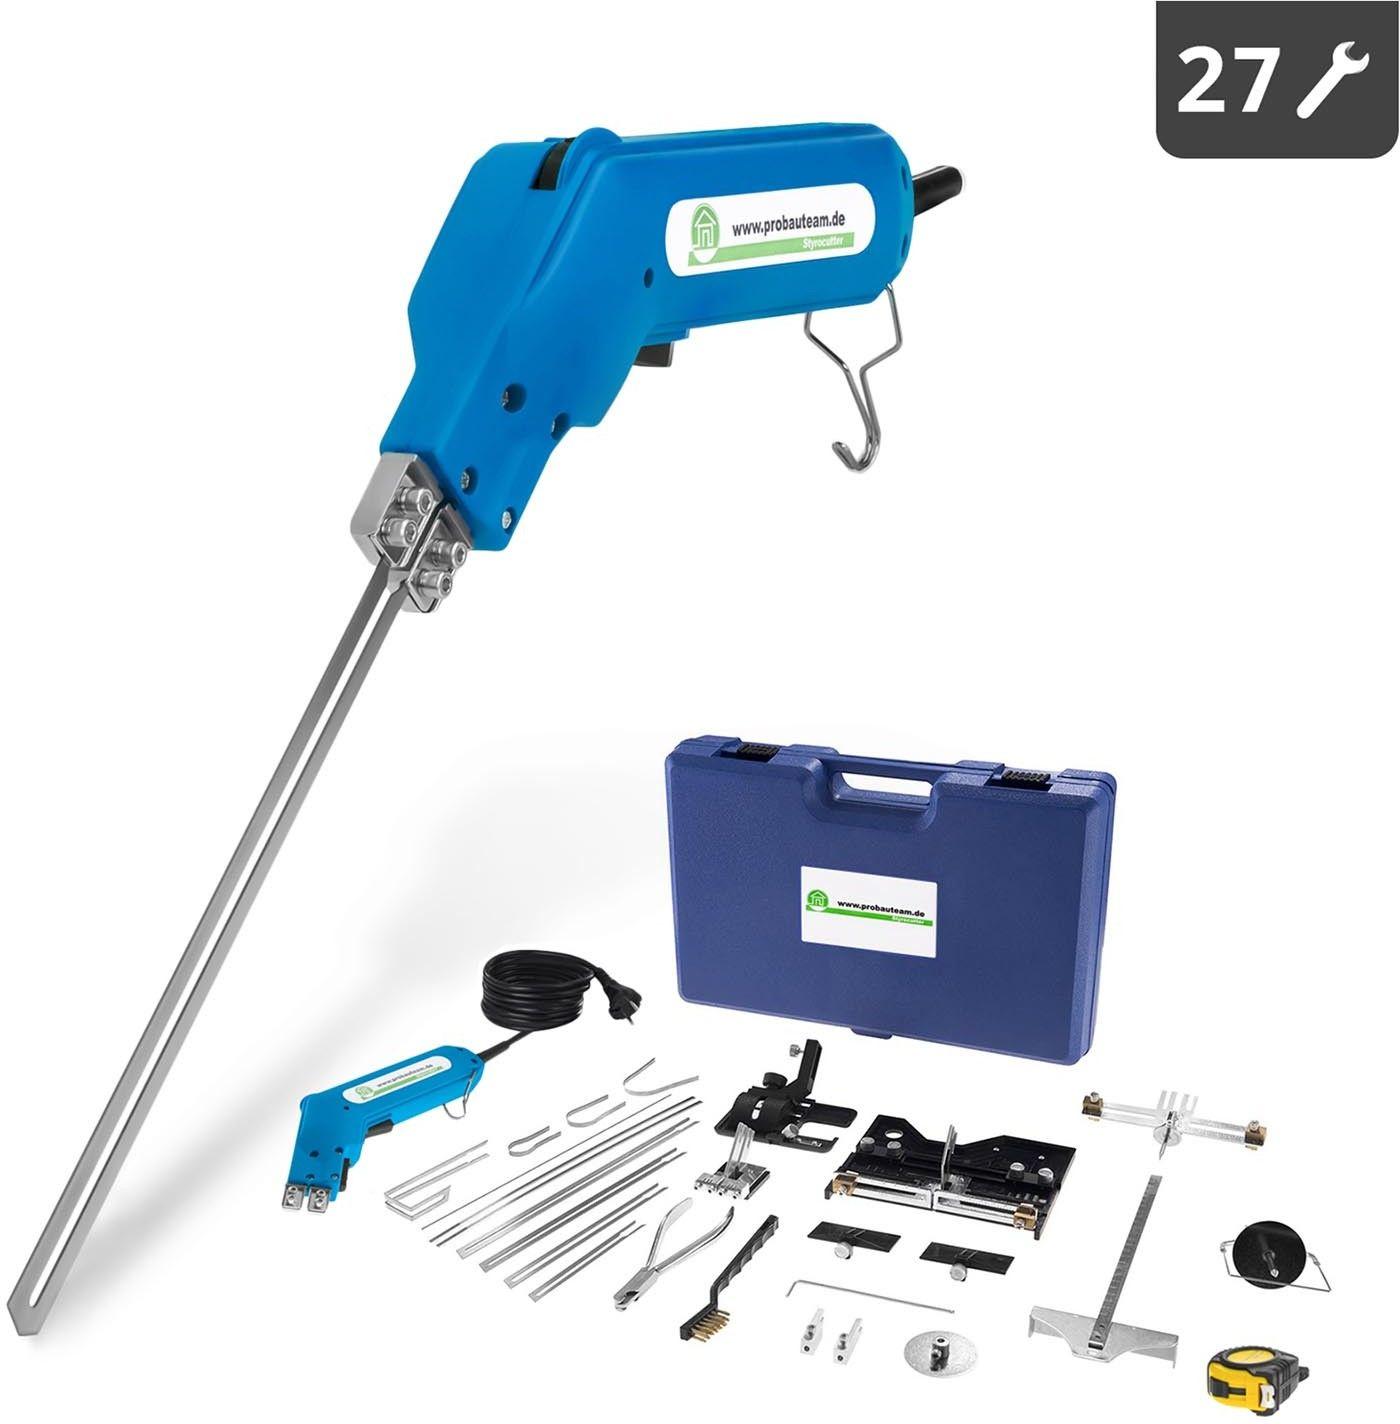 Nóż do styropianu - 250 W - wycinarka do gniazdek - Pro Bauteam - STYRO CUTTER PBT04 - 3 lata gwarancji/wysyłka w 24h